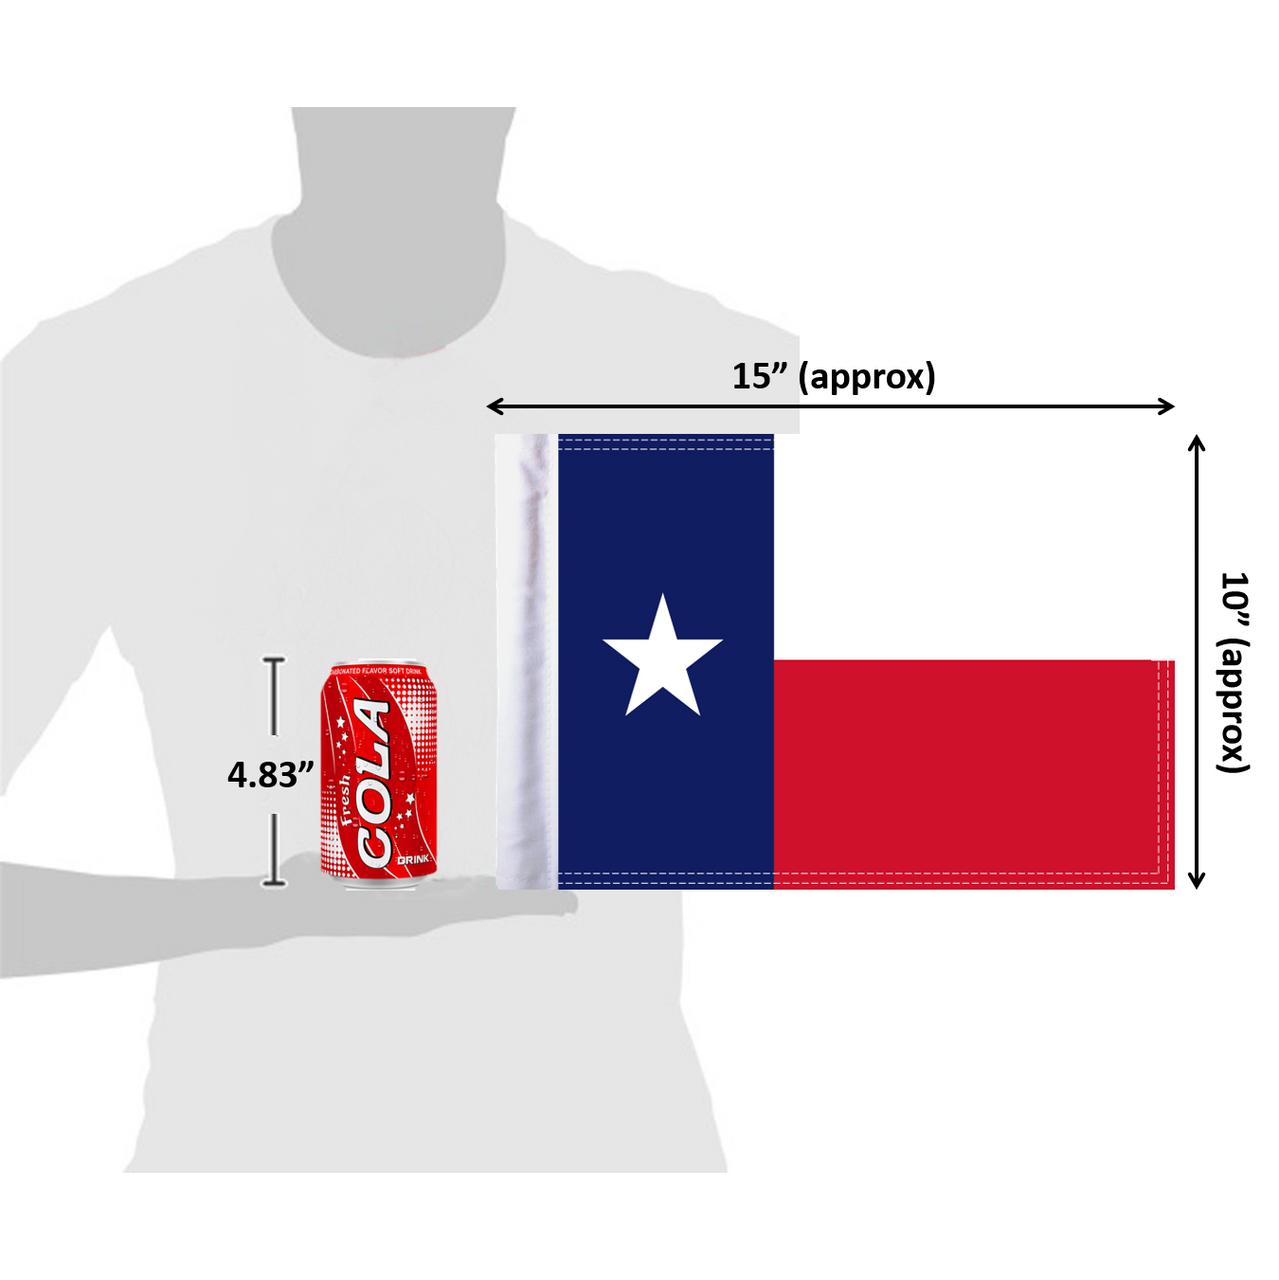 """10""""x15"""" Texas flag (size comparison view)"""